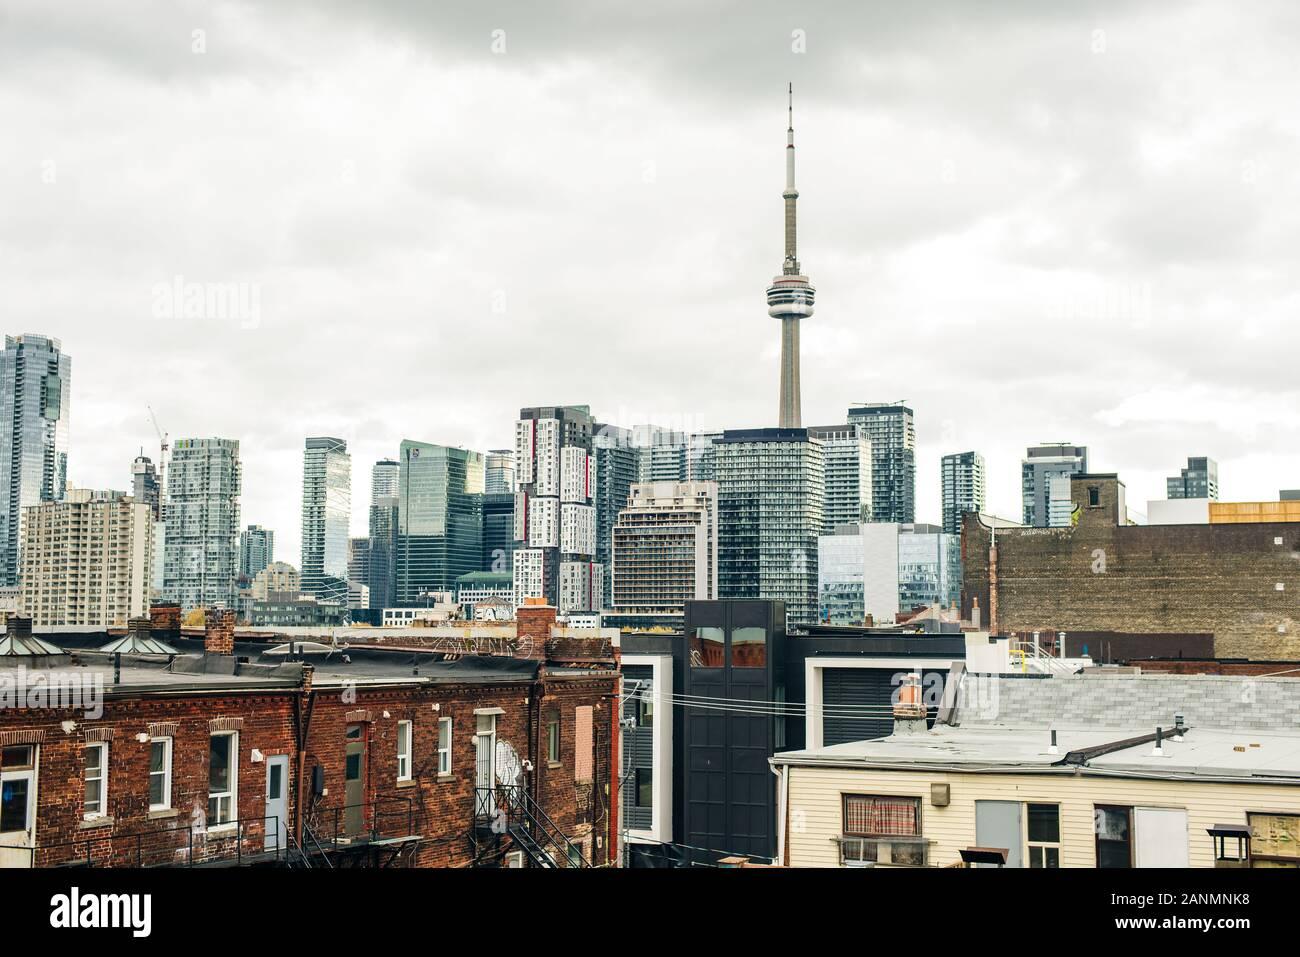 Soir vue depuis un immeuble de grande hauteur du quartier des gratte-ciel de Toronto Banque D'Images